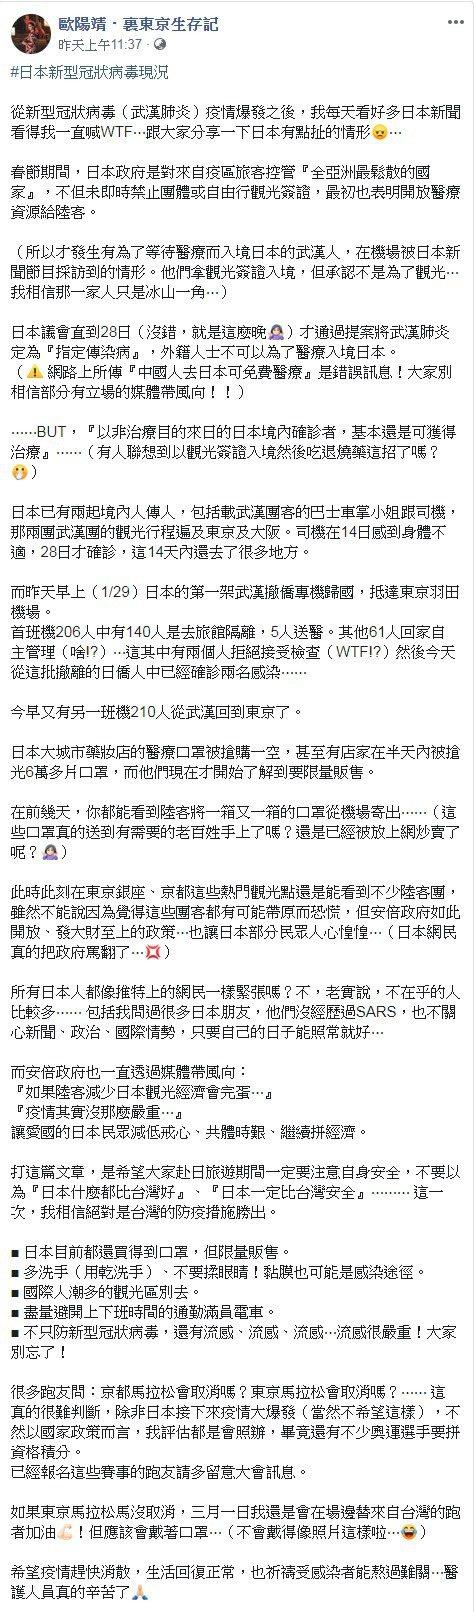 歐陽靖談日本防疫。圖/擷自臉書